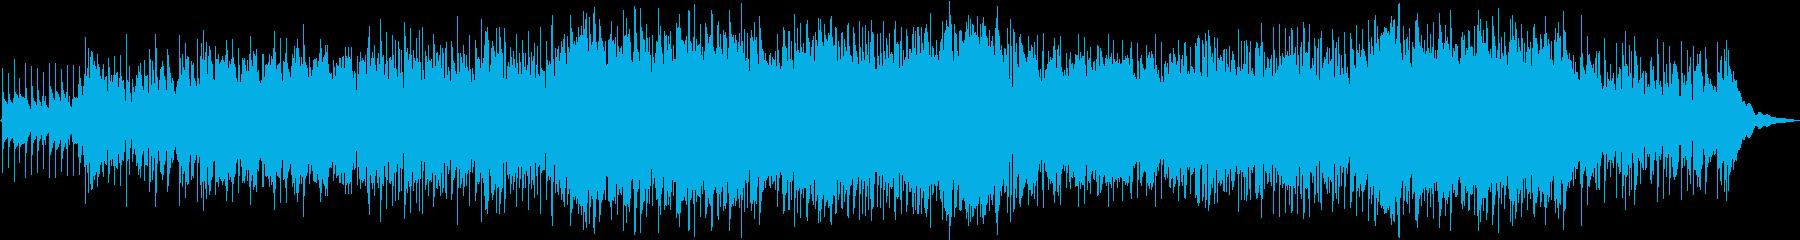 ロックバラードの再生済みの波形